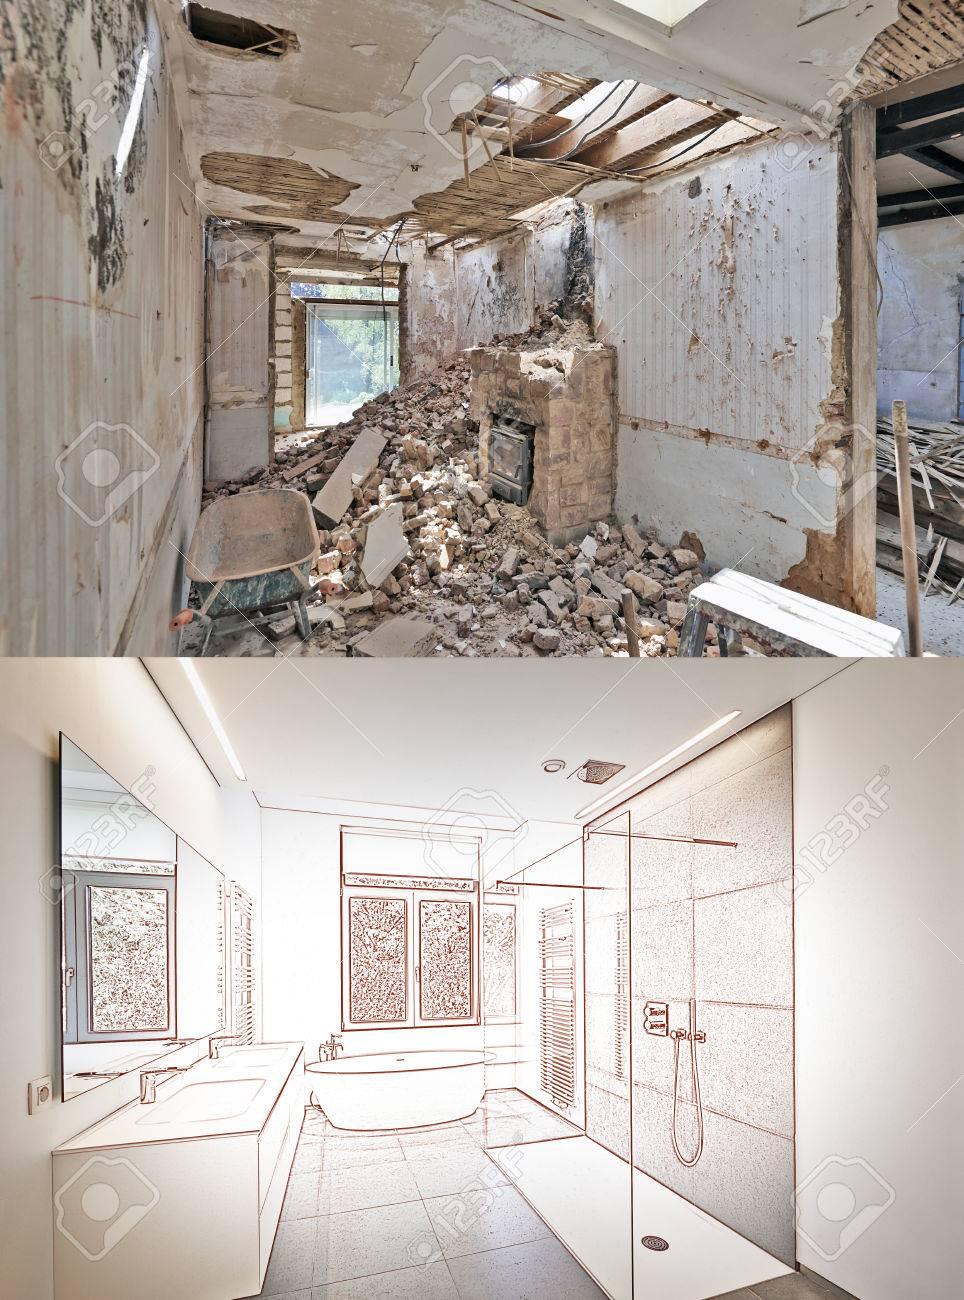 Rénovation Salle De Bain Avant Après dessin et projet de rénovation d'une salle de bain avant et après